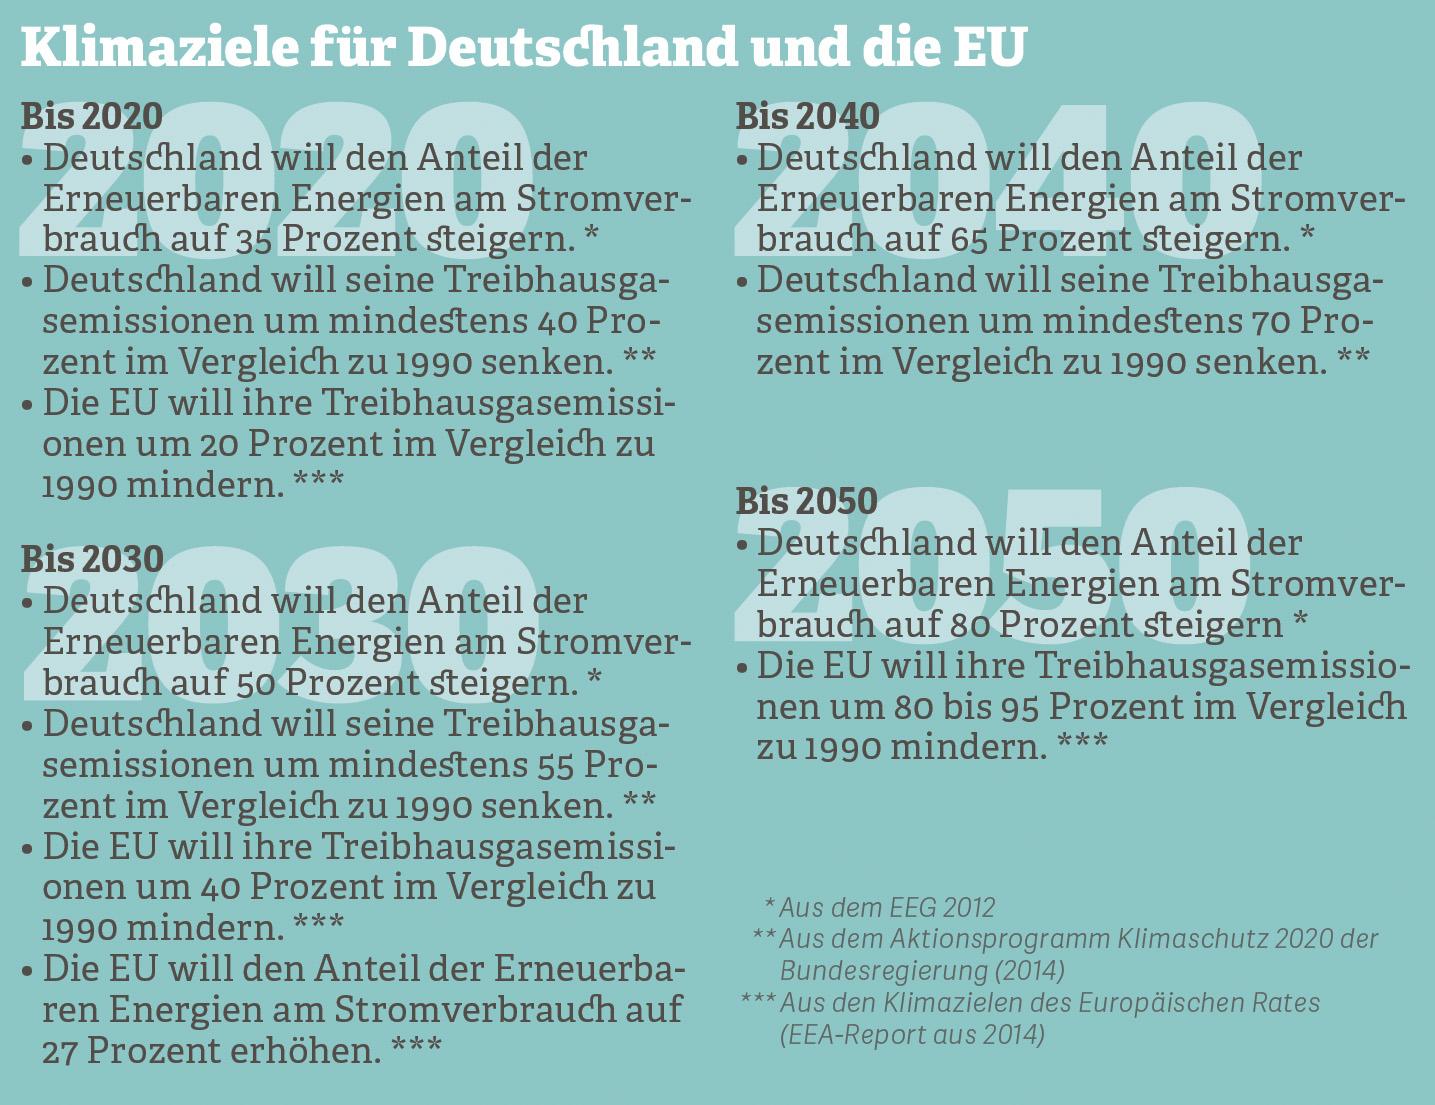 Grafik zu den Klimazielen für Deutschland und die EU